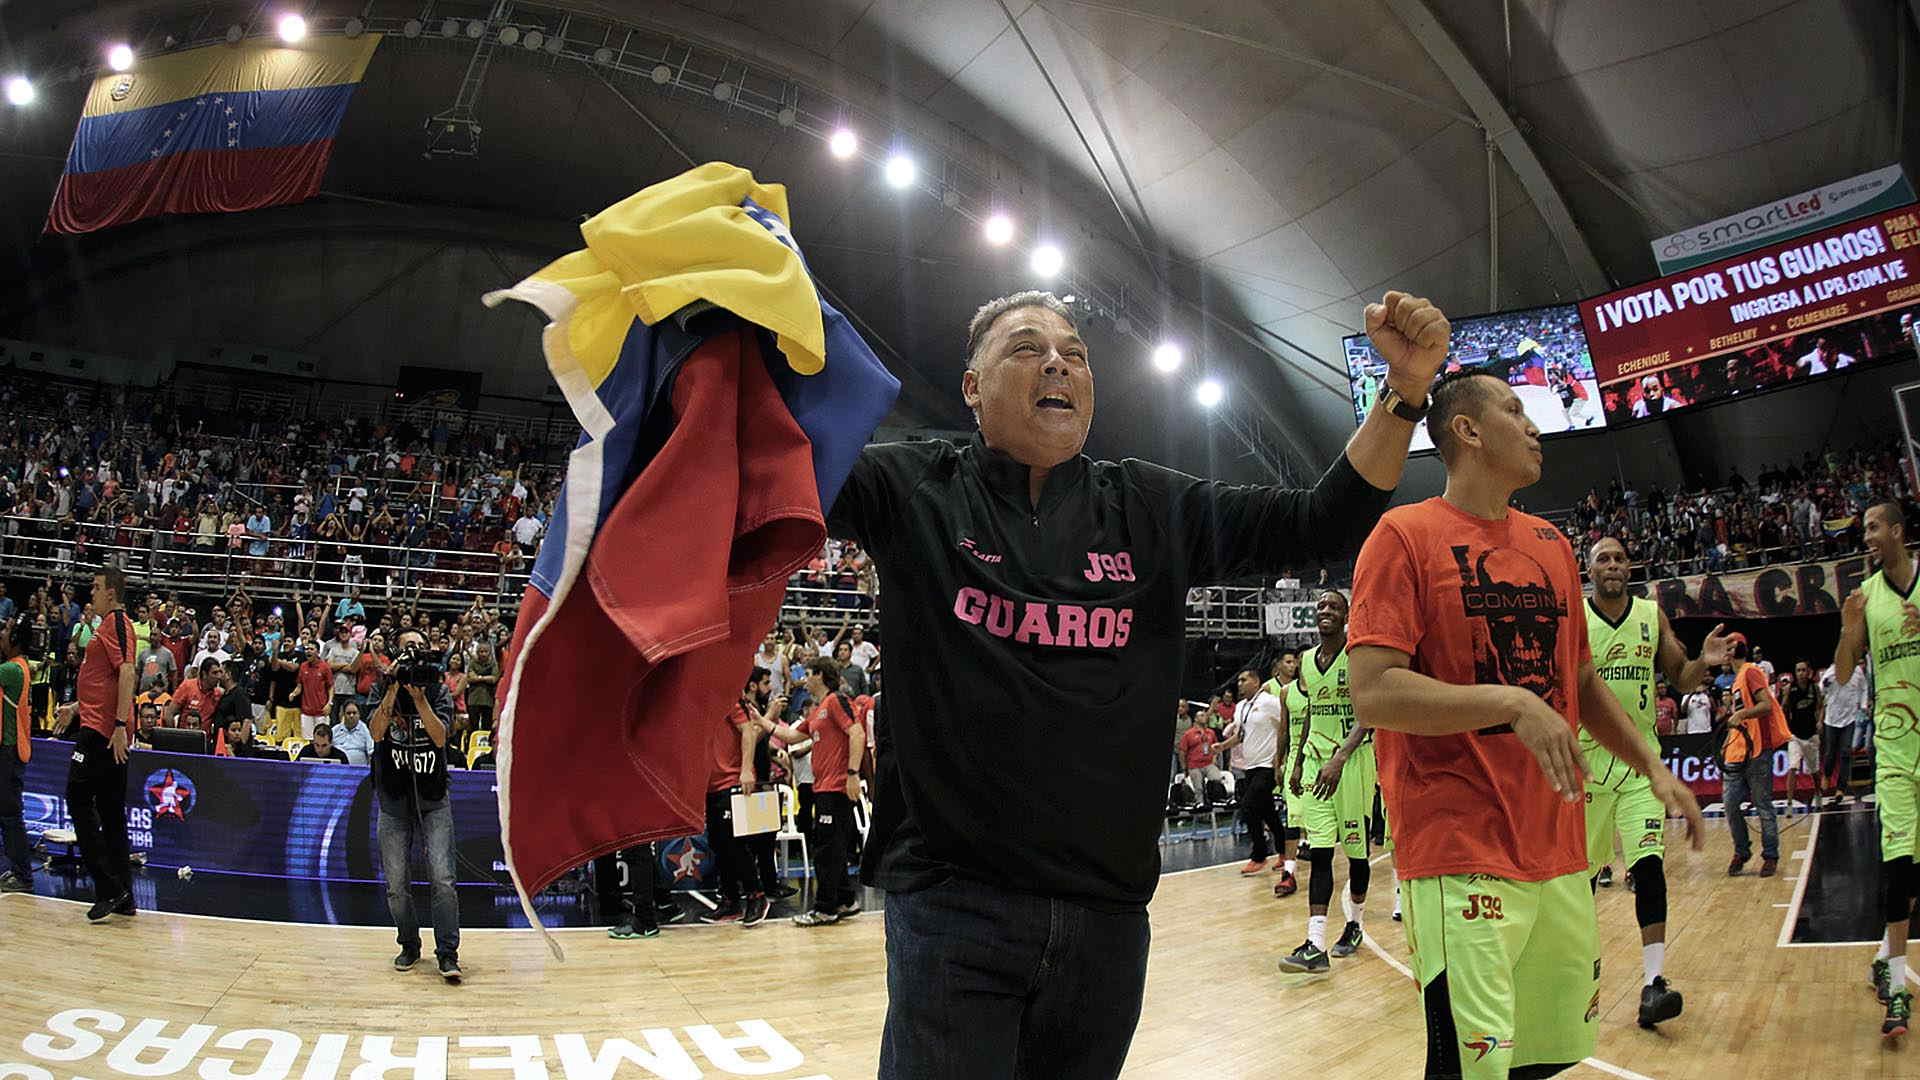 En cinco años, Jorge Hernández Fernández ha logrado colocar a Guaros de Lara en el mapa del baloncesto nacional y continental